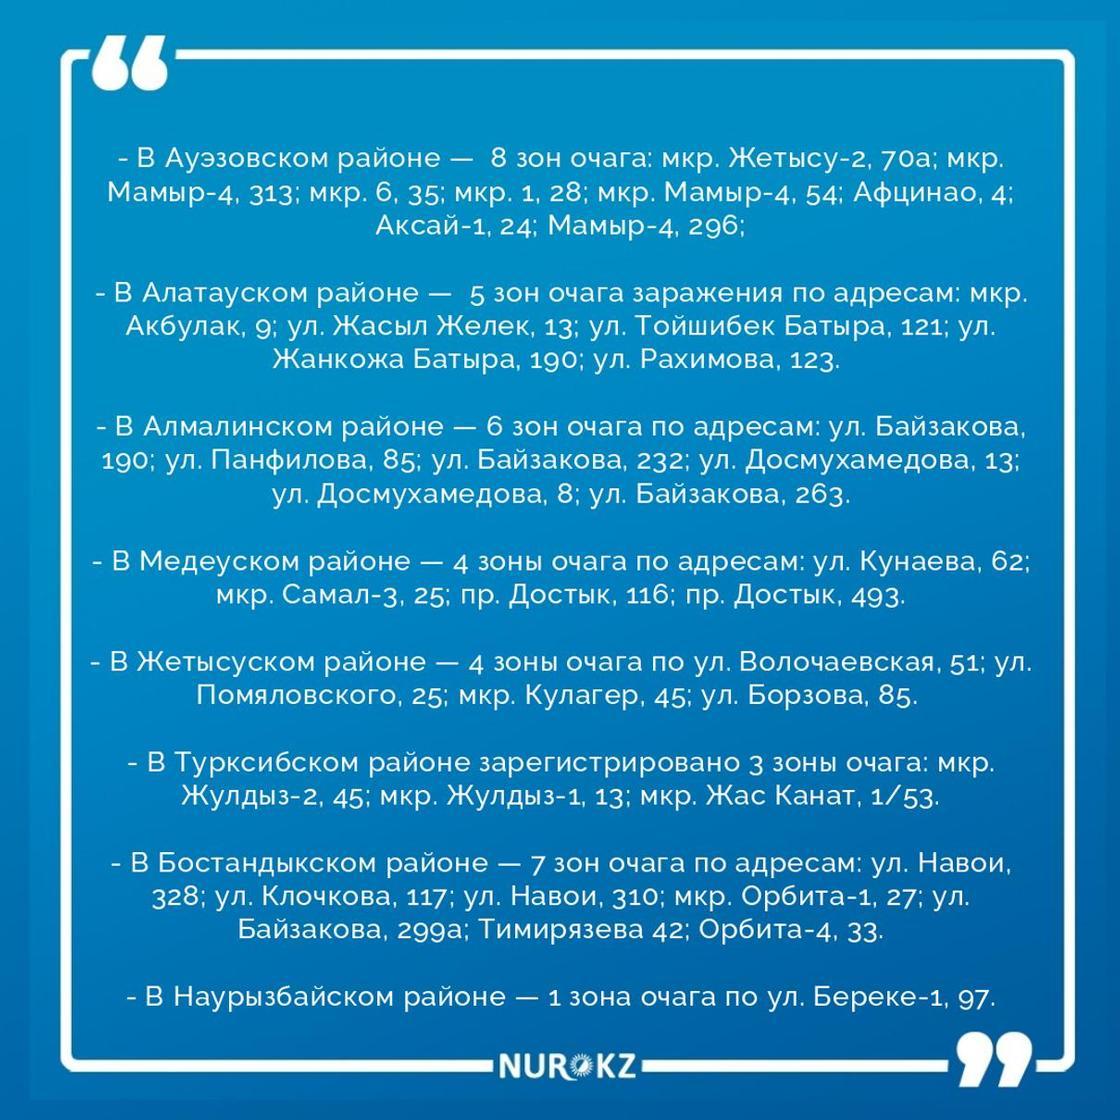 Ограничения сняли с 16 очагов распространения COVID-19 в Алматы